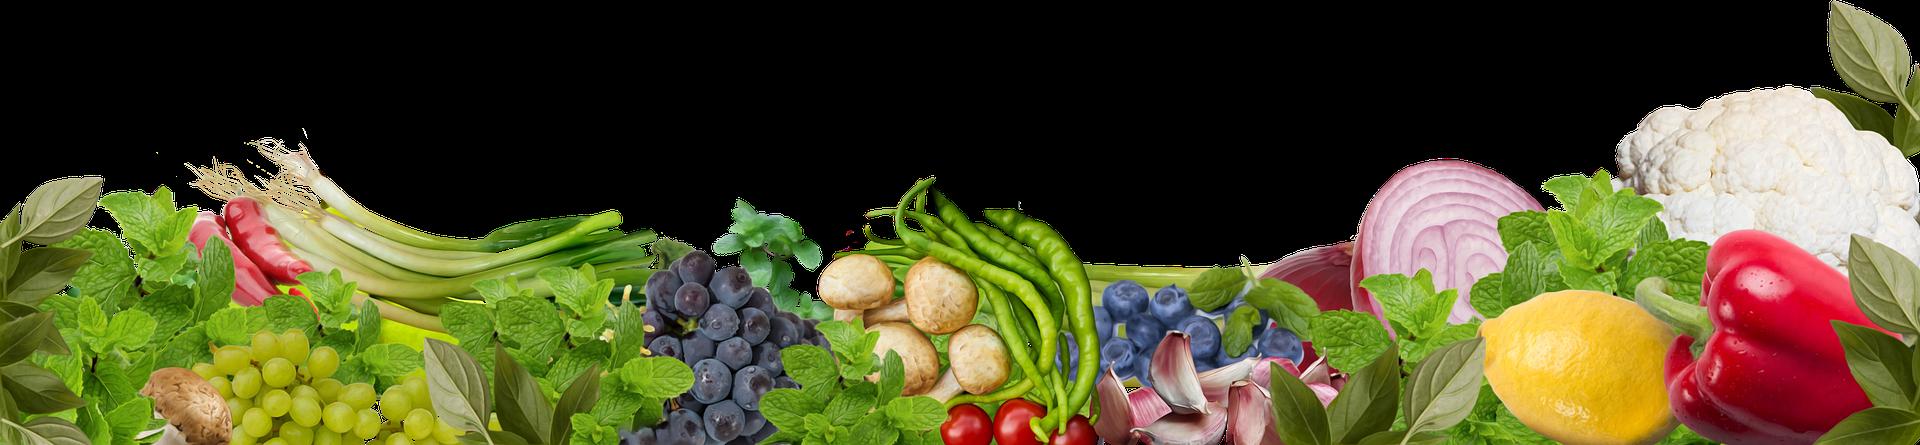 Obst-und-Gem-use-Pixabay-lizenzfrei